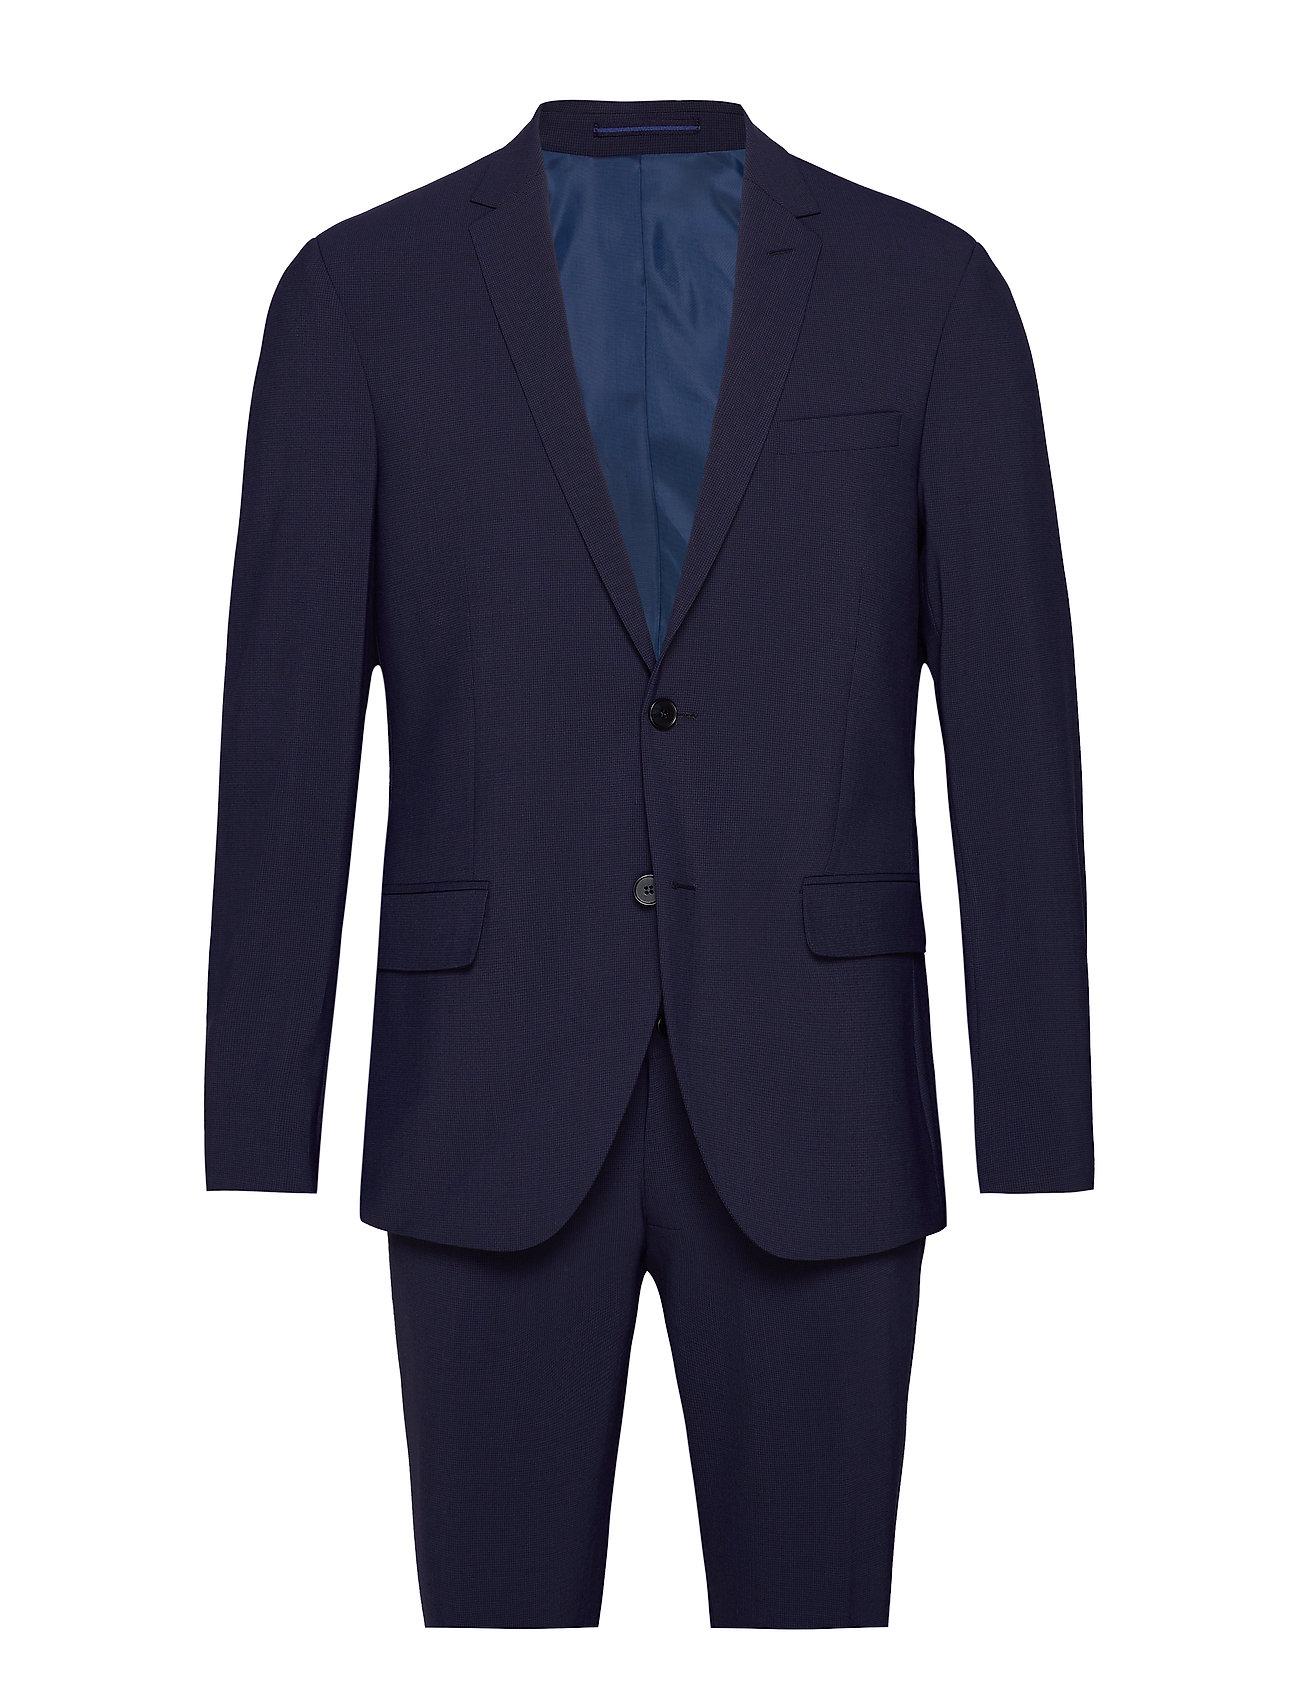 Bertoni Suit Andersen-Jepsen - 744 BLUEPRINT